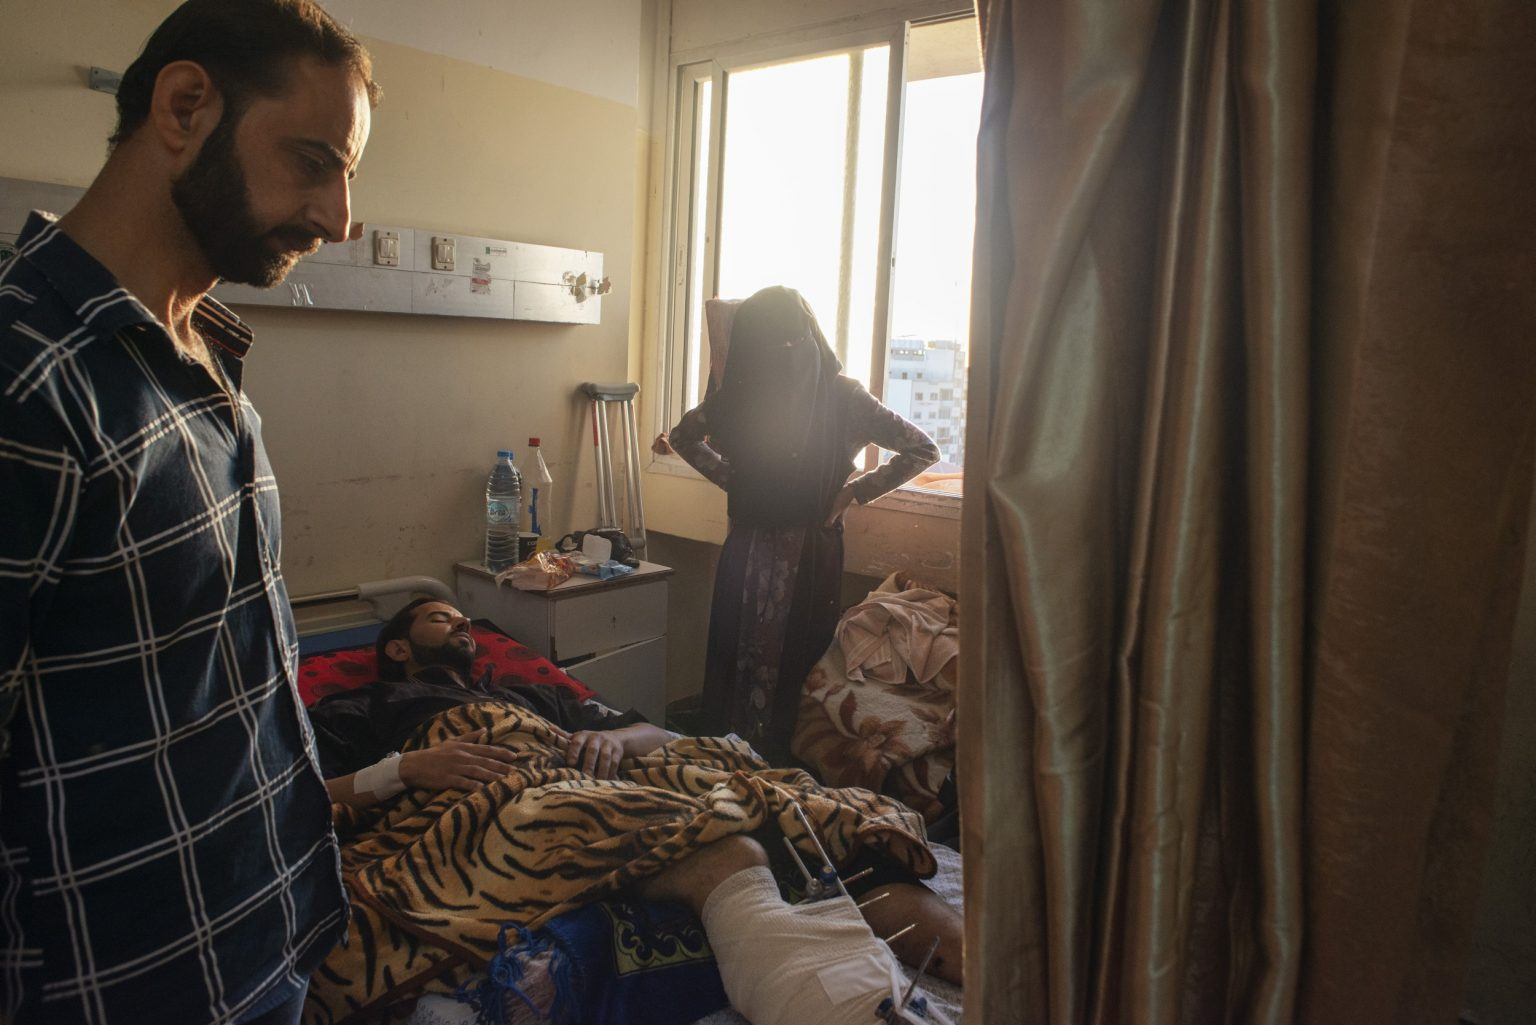 Striscia di Gaza, May 2018 - A man injured on his leg by Israeli troops during the protest, rests in a bed at Al-Shifa Hospital in Gaza City. >< Striscia di Gaza, maggio 2018 - Un uomo ferito a una gamba durante le proteste riposa in un letto dell'ospedale Al-Shifa di Gaza City.